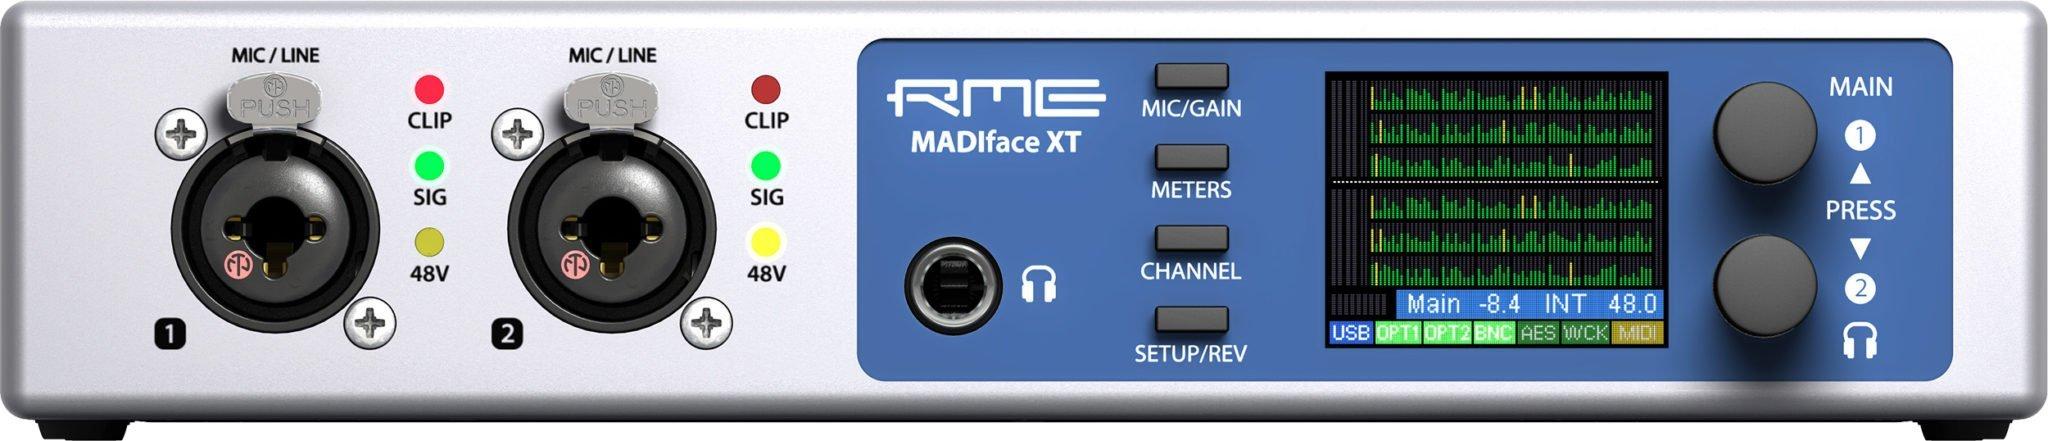 MADIface XT